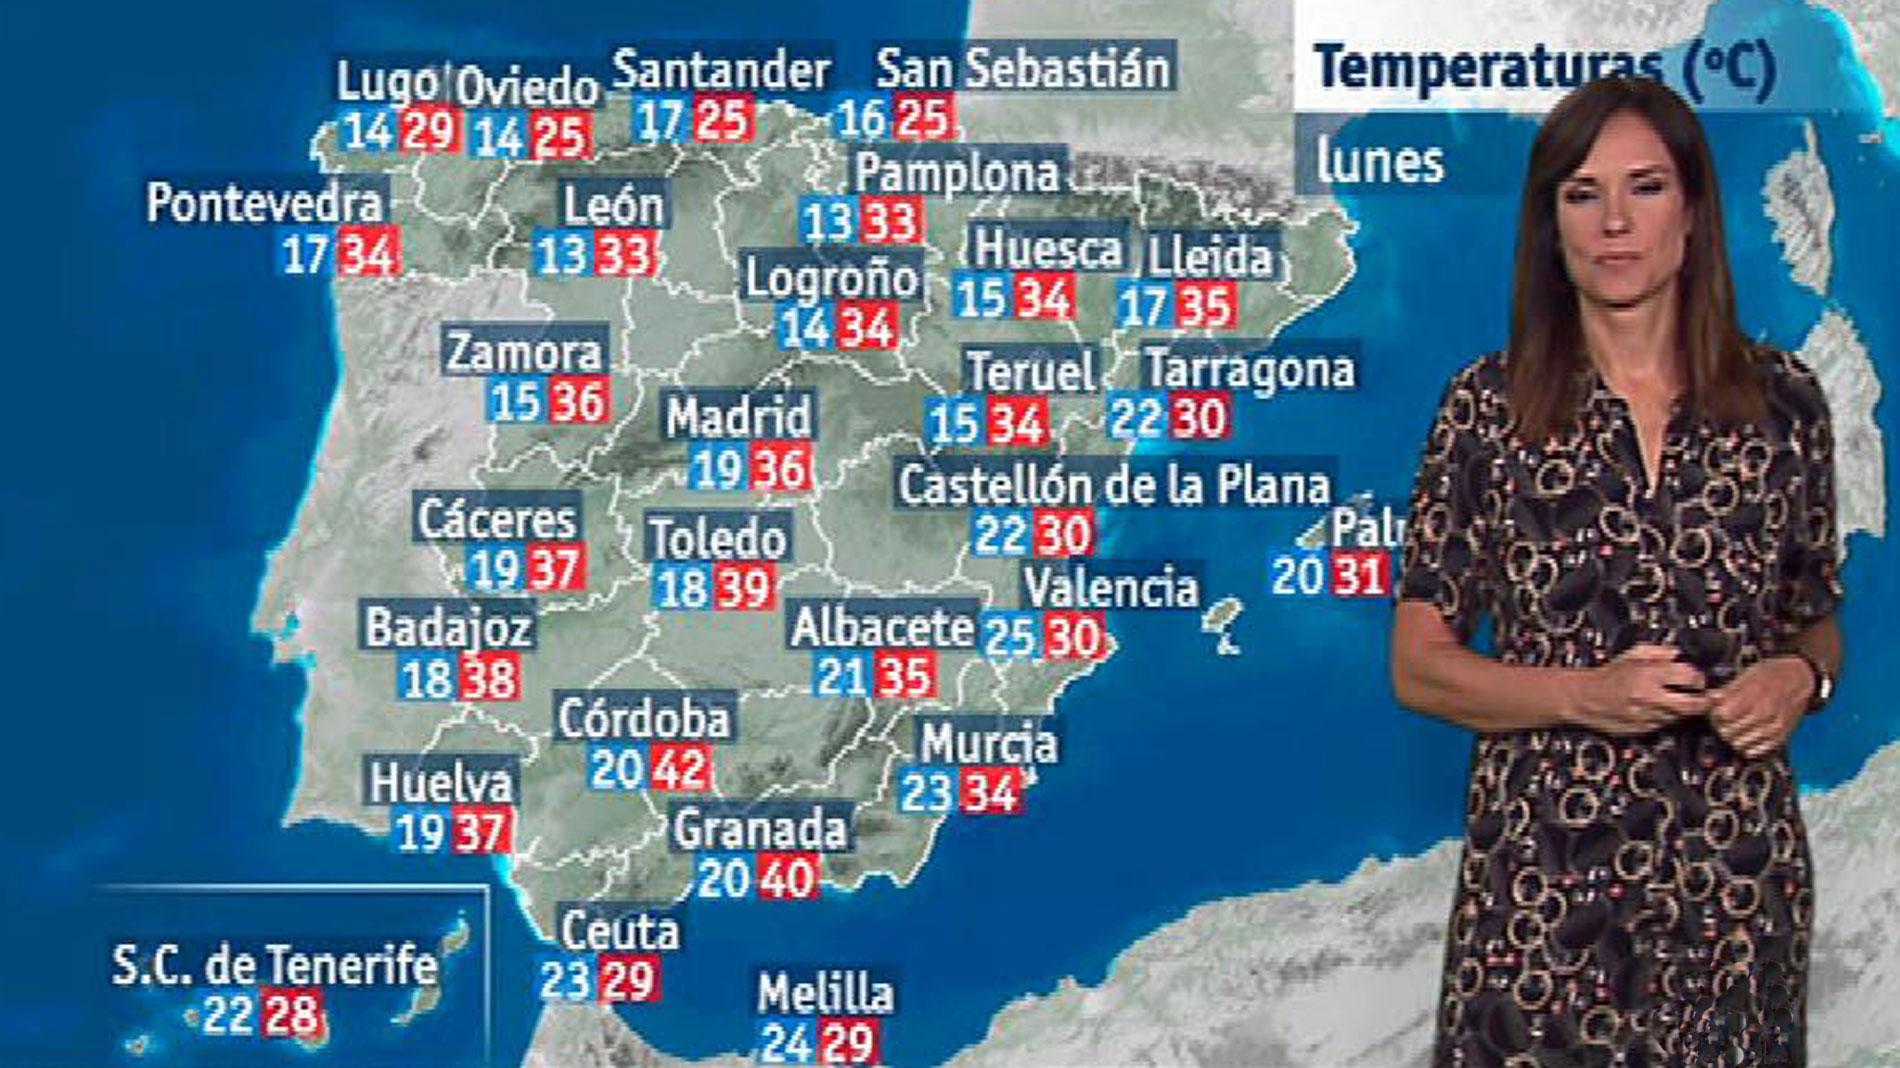 Vuelve el calor a todo el país